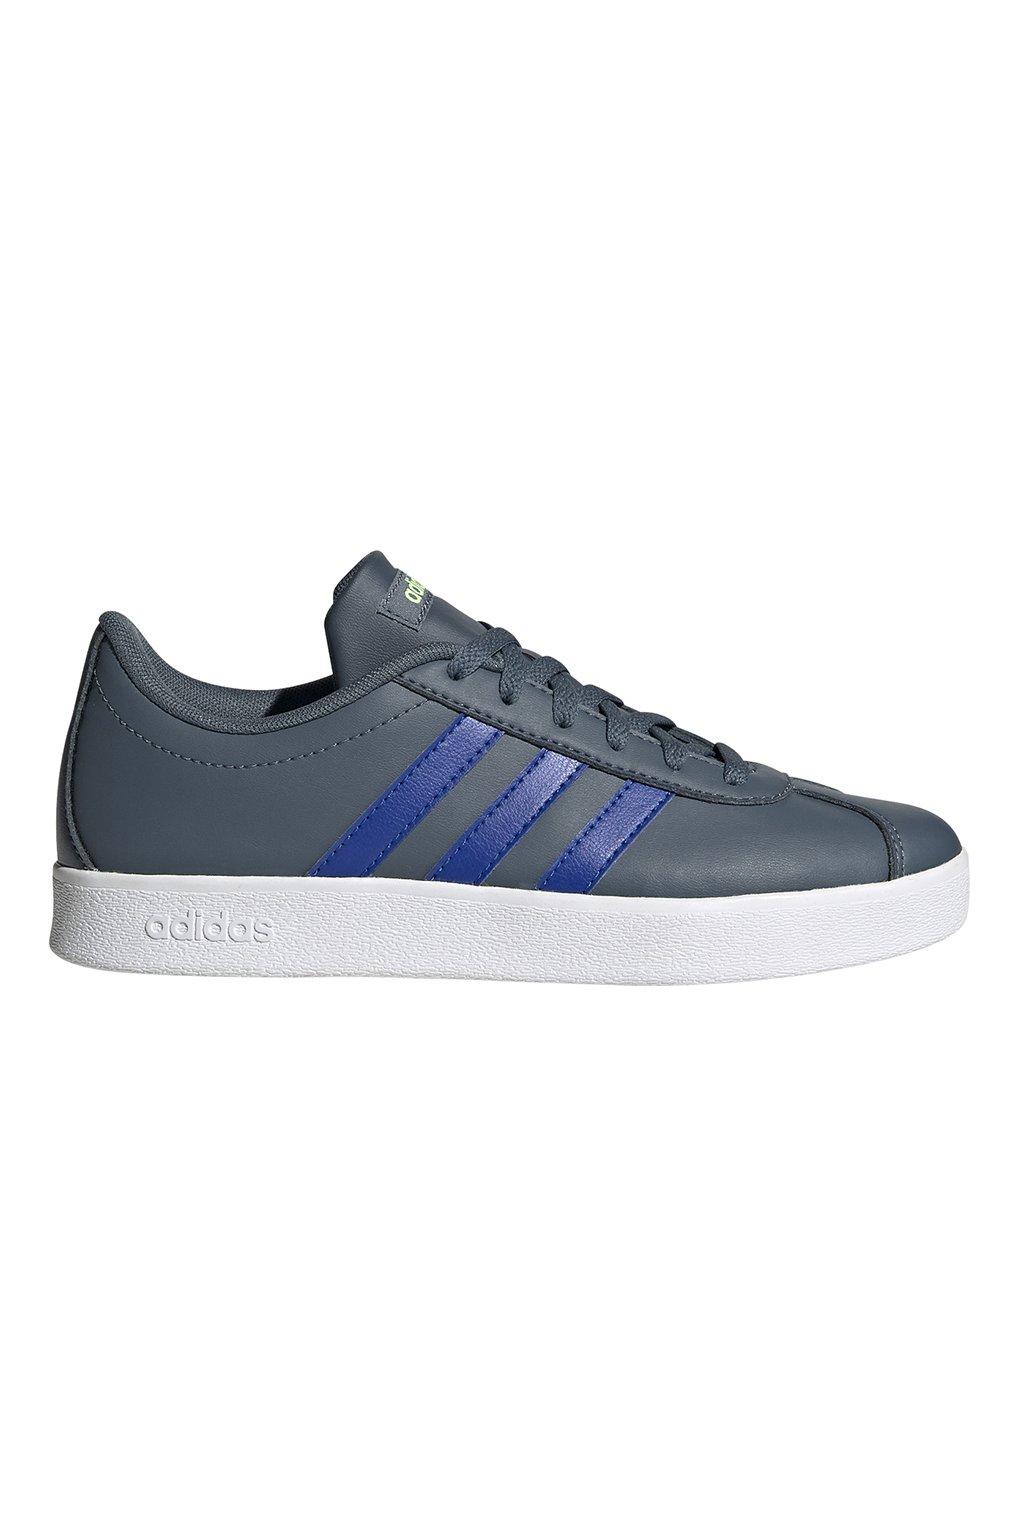 Detské topánky Adidas Vl Court 2.0 zelené FW3934